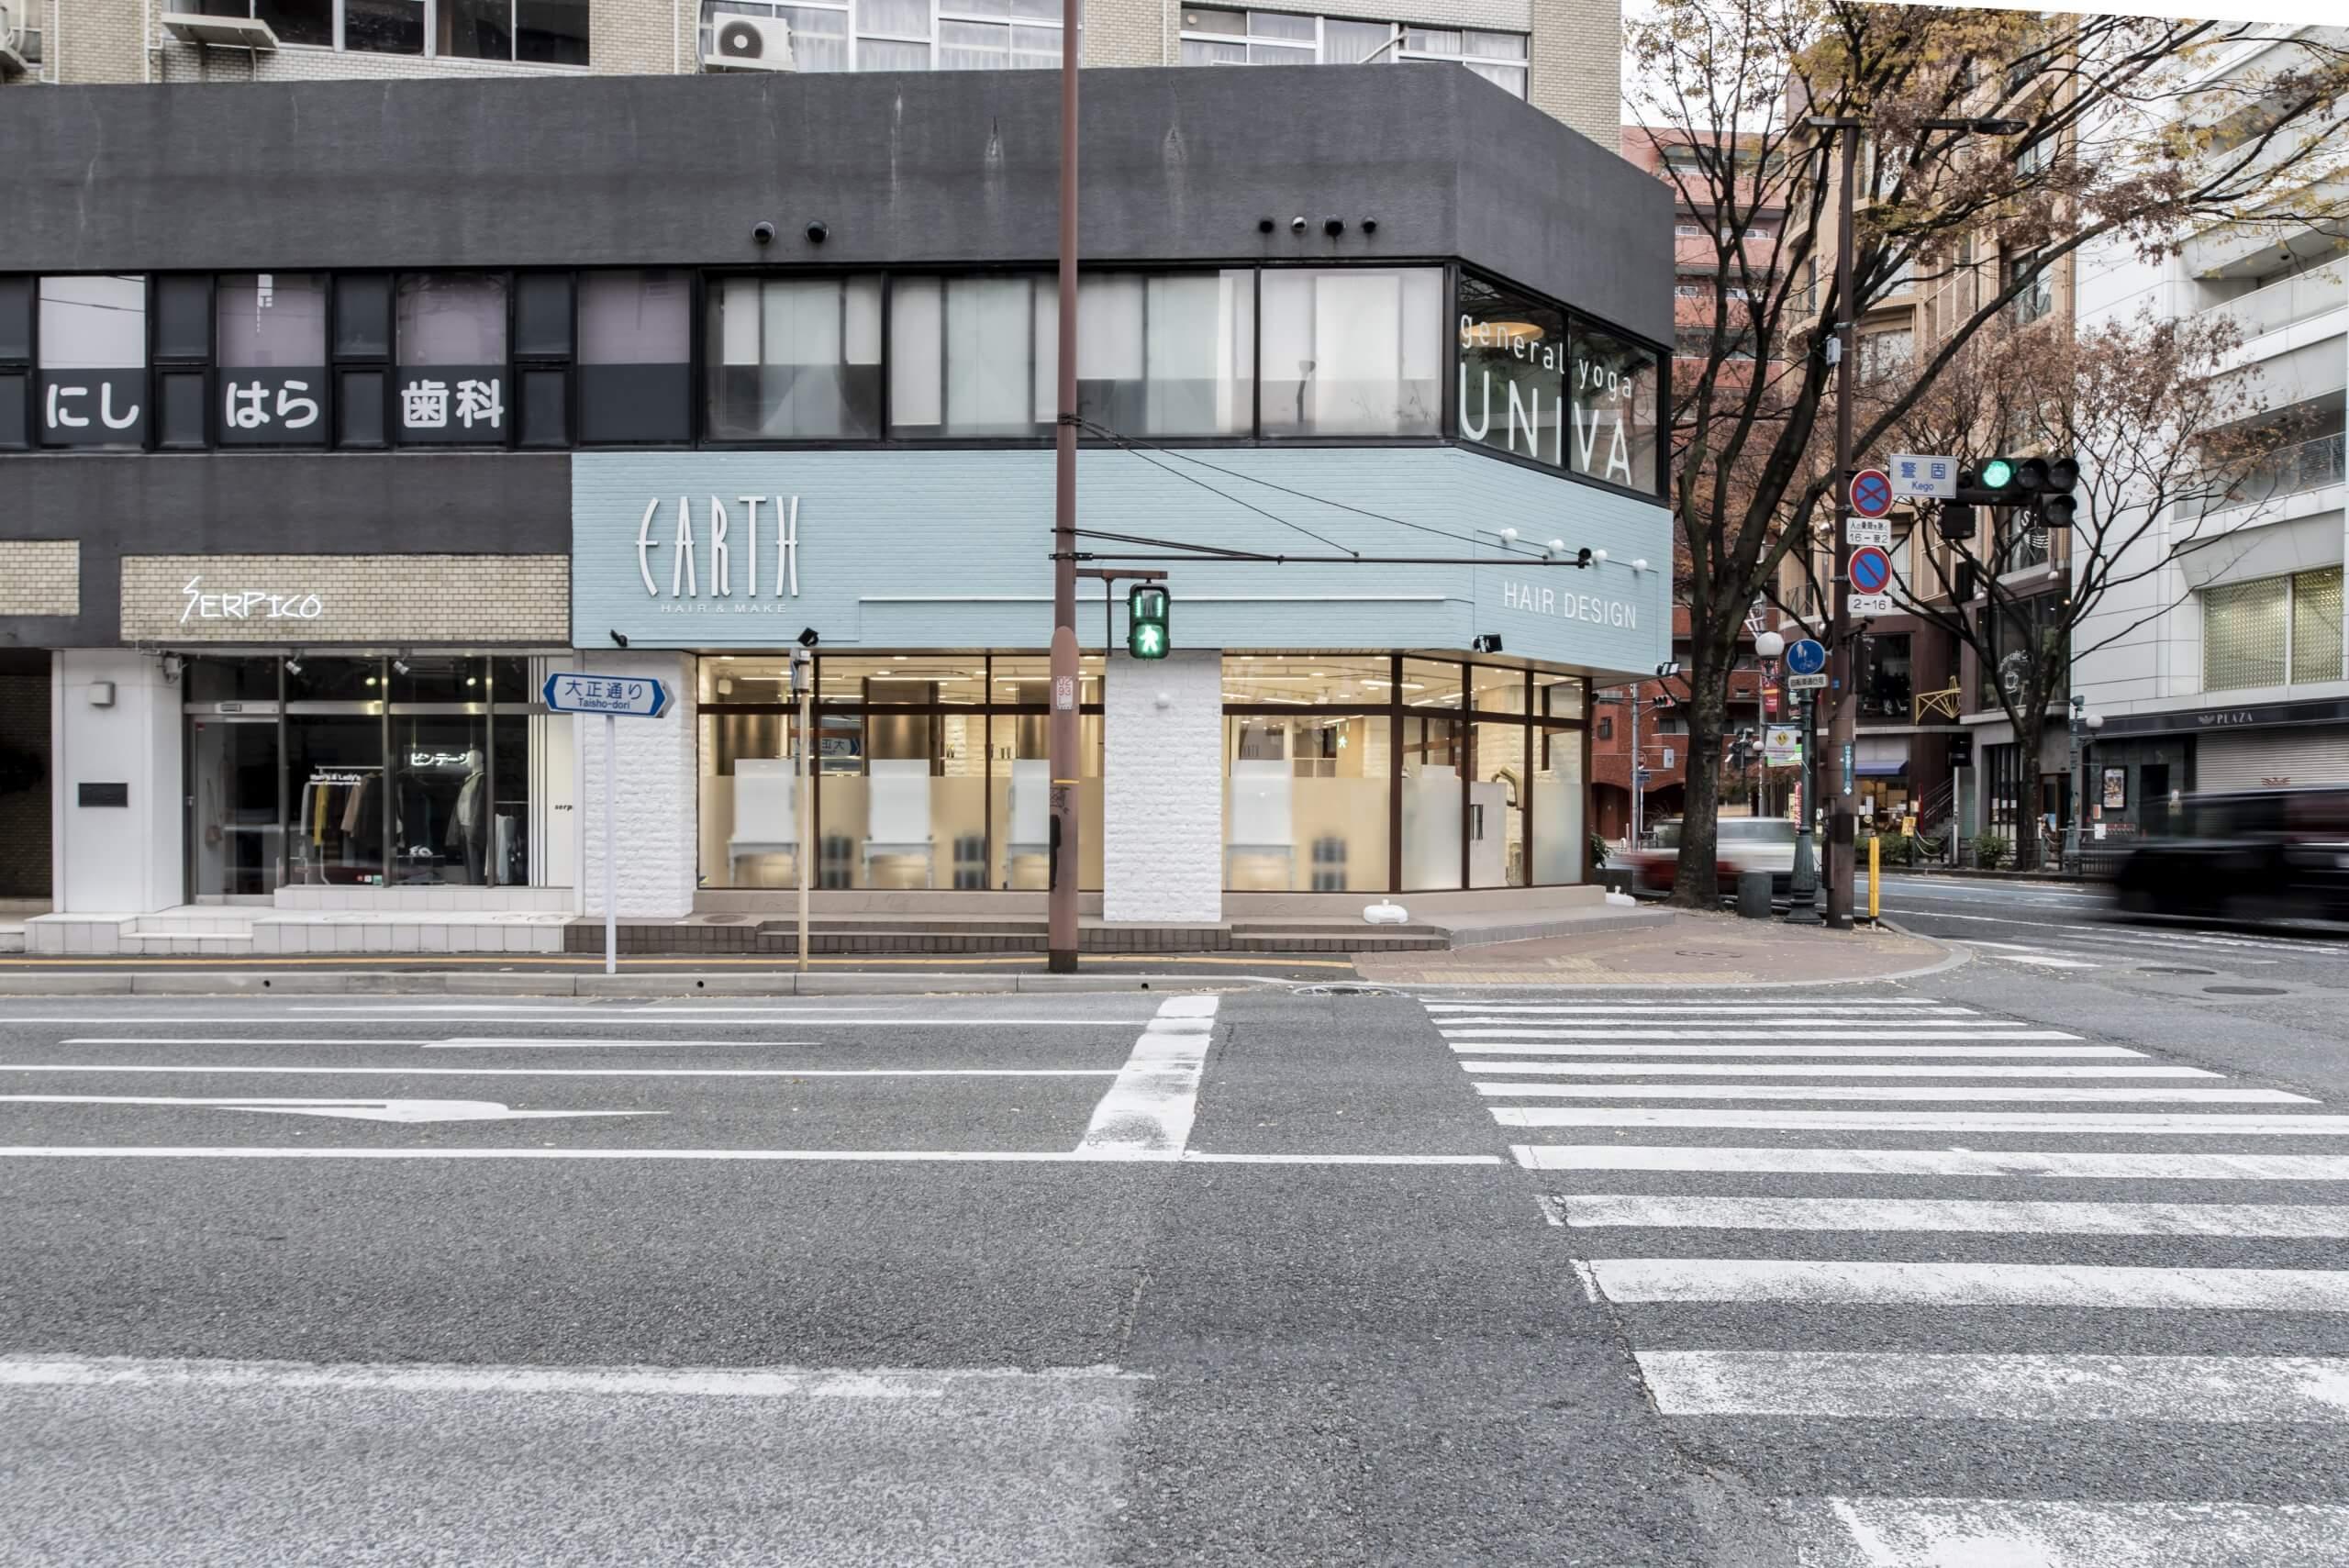 EARTH福岡天神赤坂店/Fukuoka